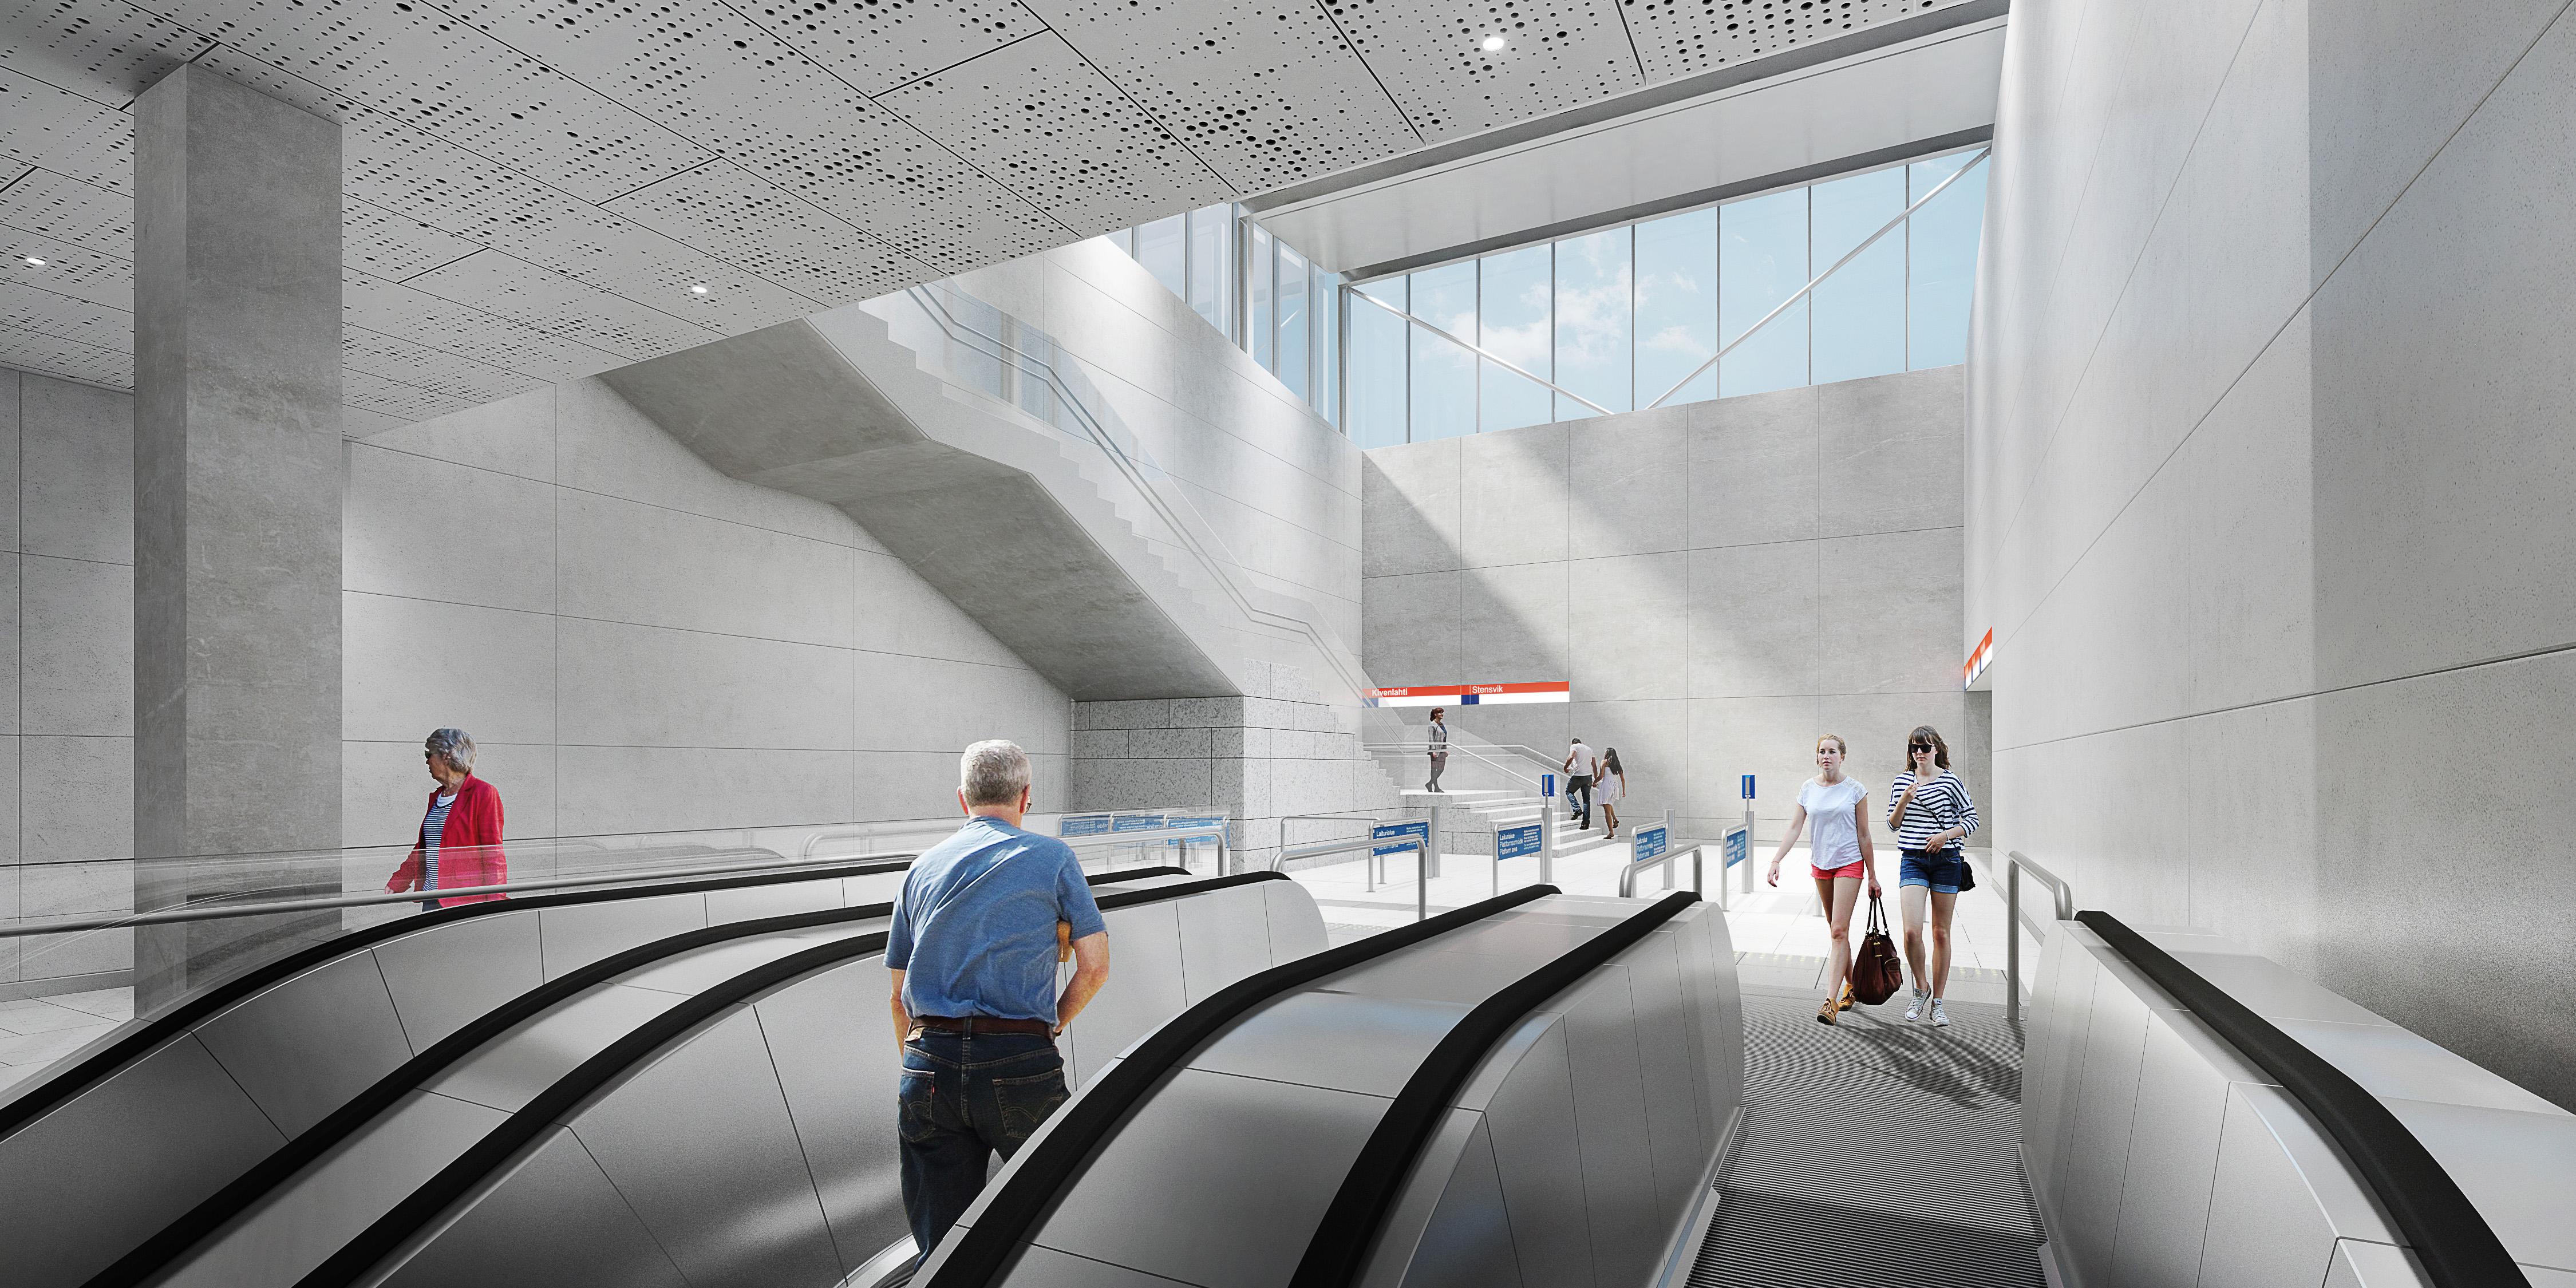 Havainnekuva Kivenlahden metroaseman liukuportaista.